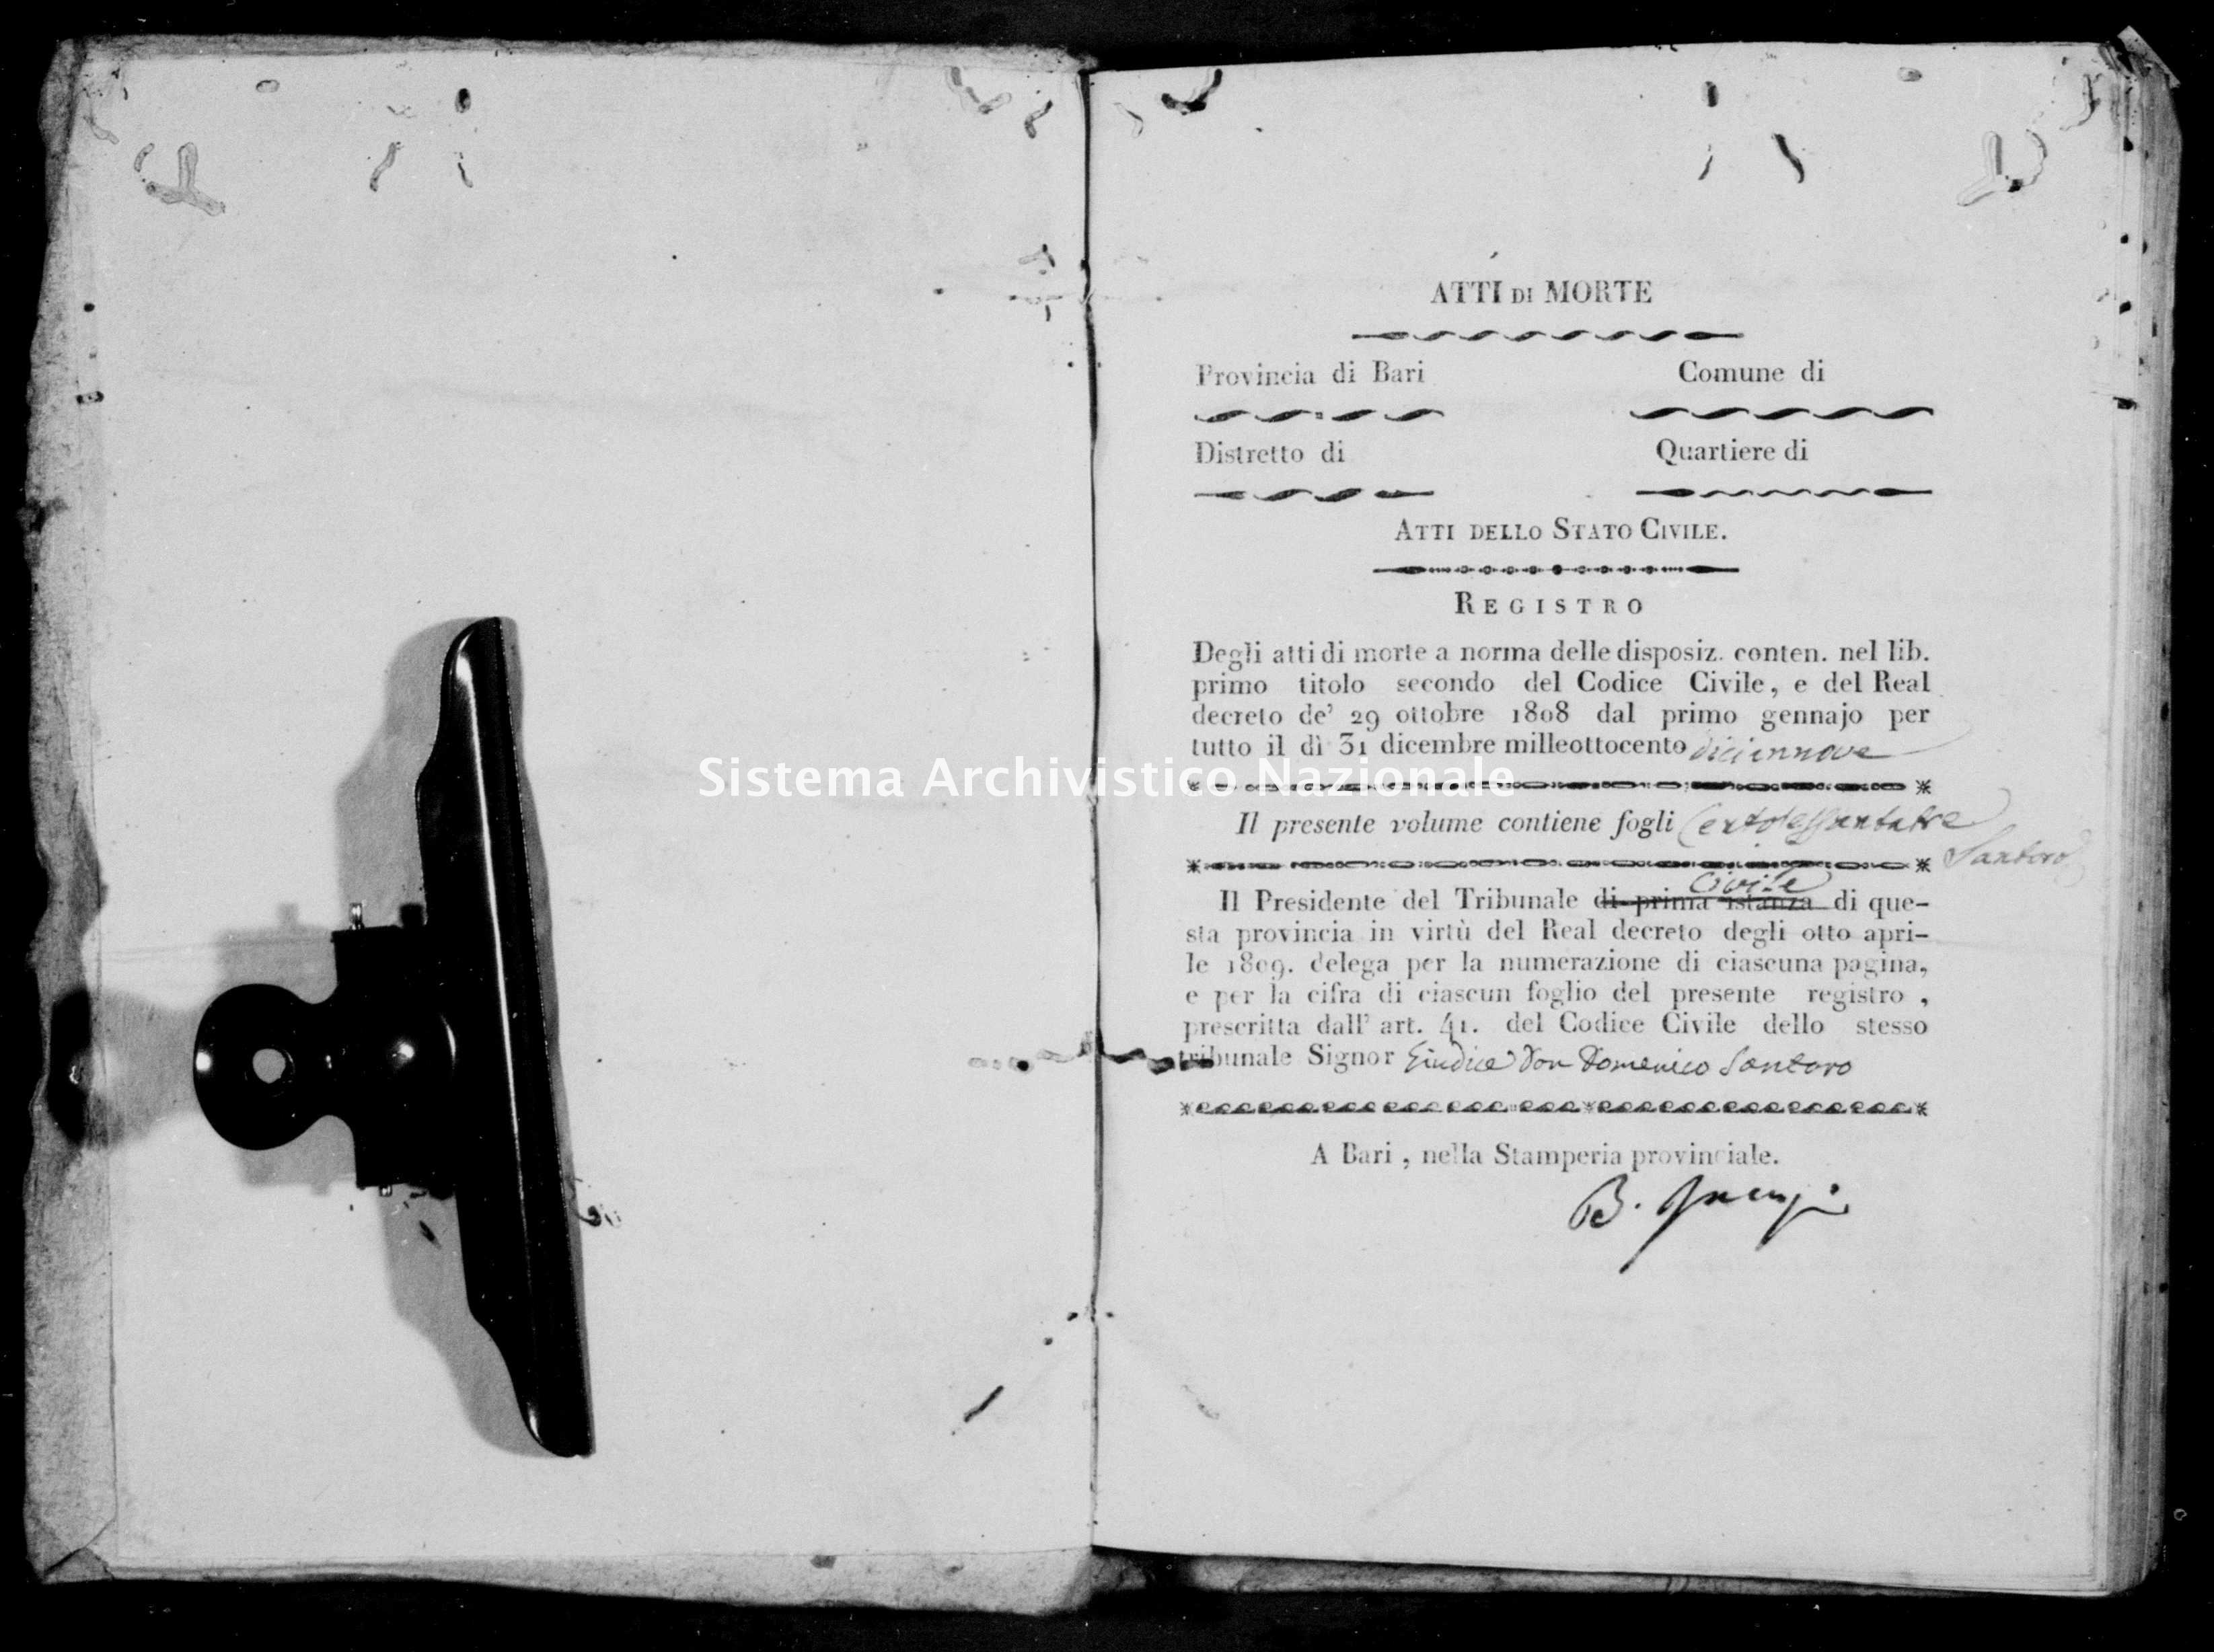 Archivio di stato di Bari - Stato civile della restaurazione - Noja - Morti - 1819 -